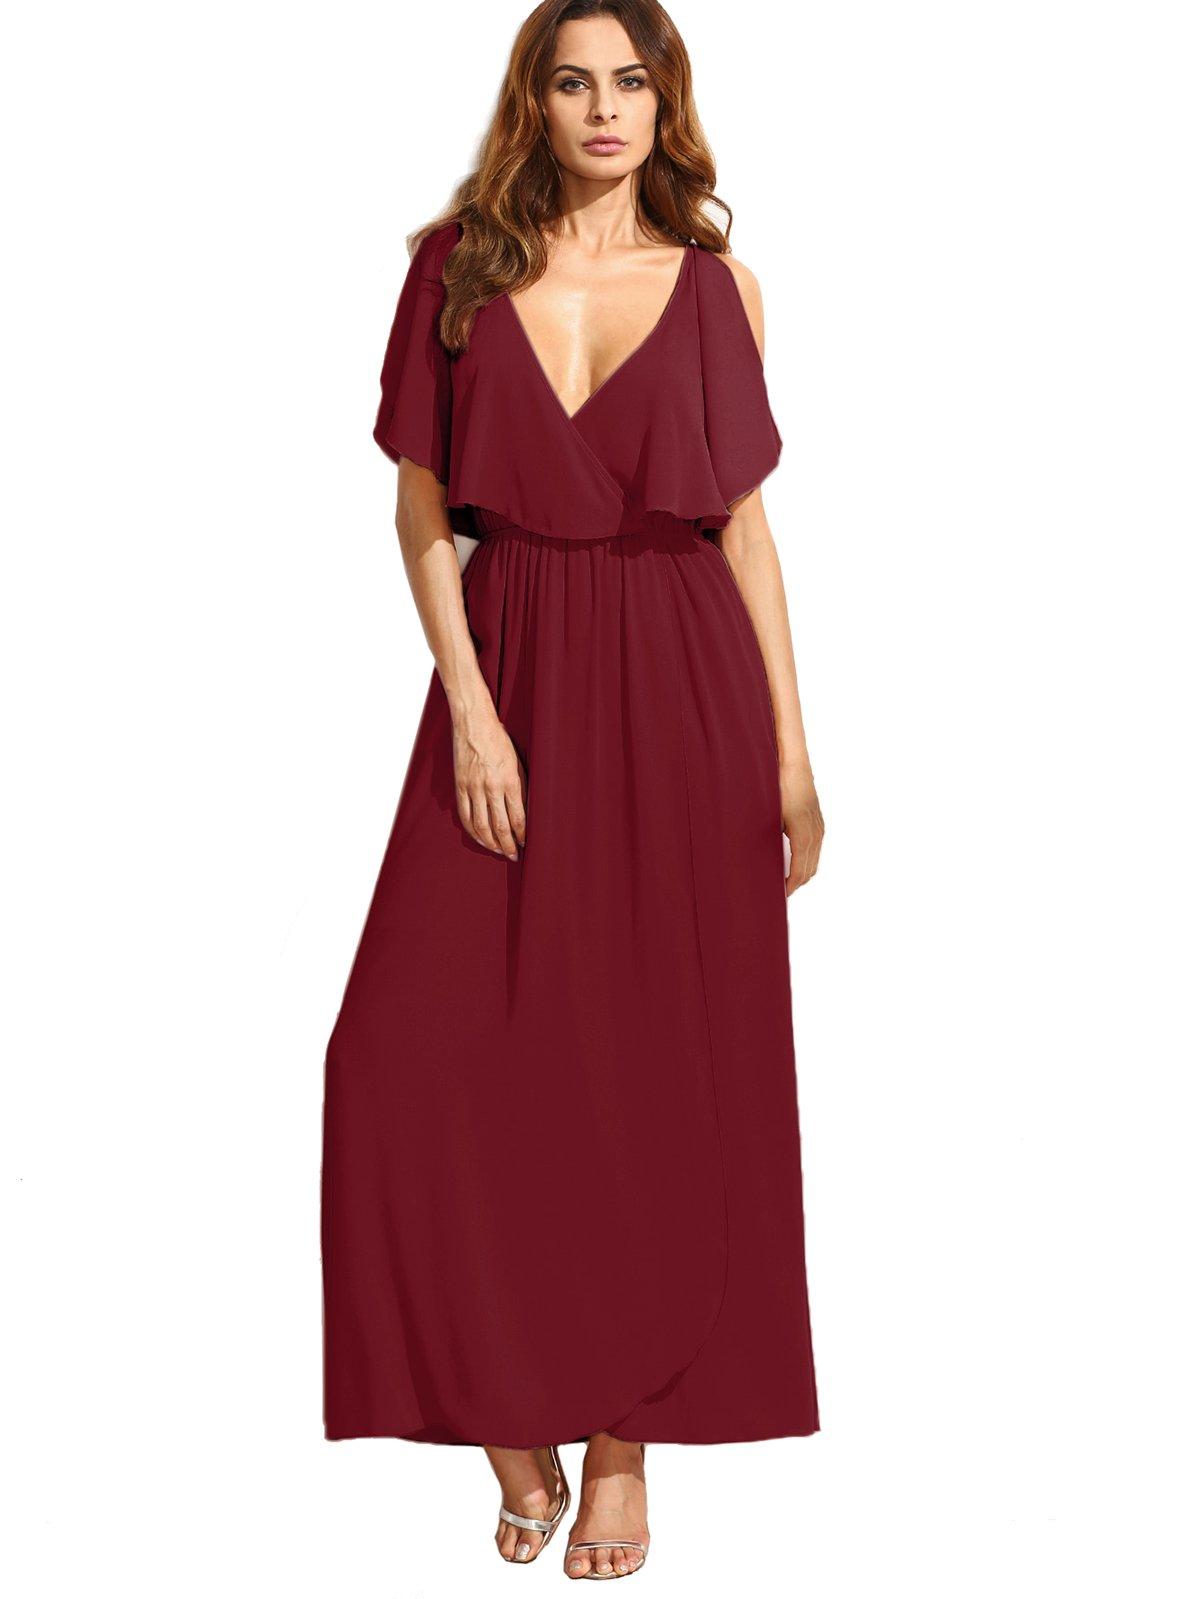 Available at Amazon: Milumia Women's Deep V Neck Ruffle Sleeveless Maxi Dress